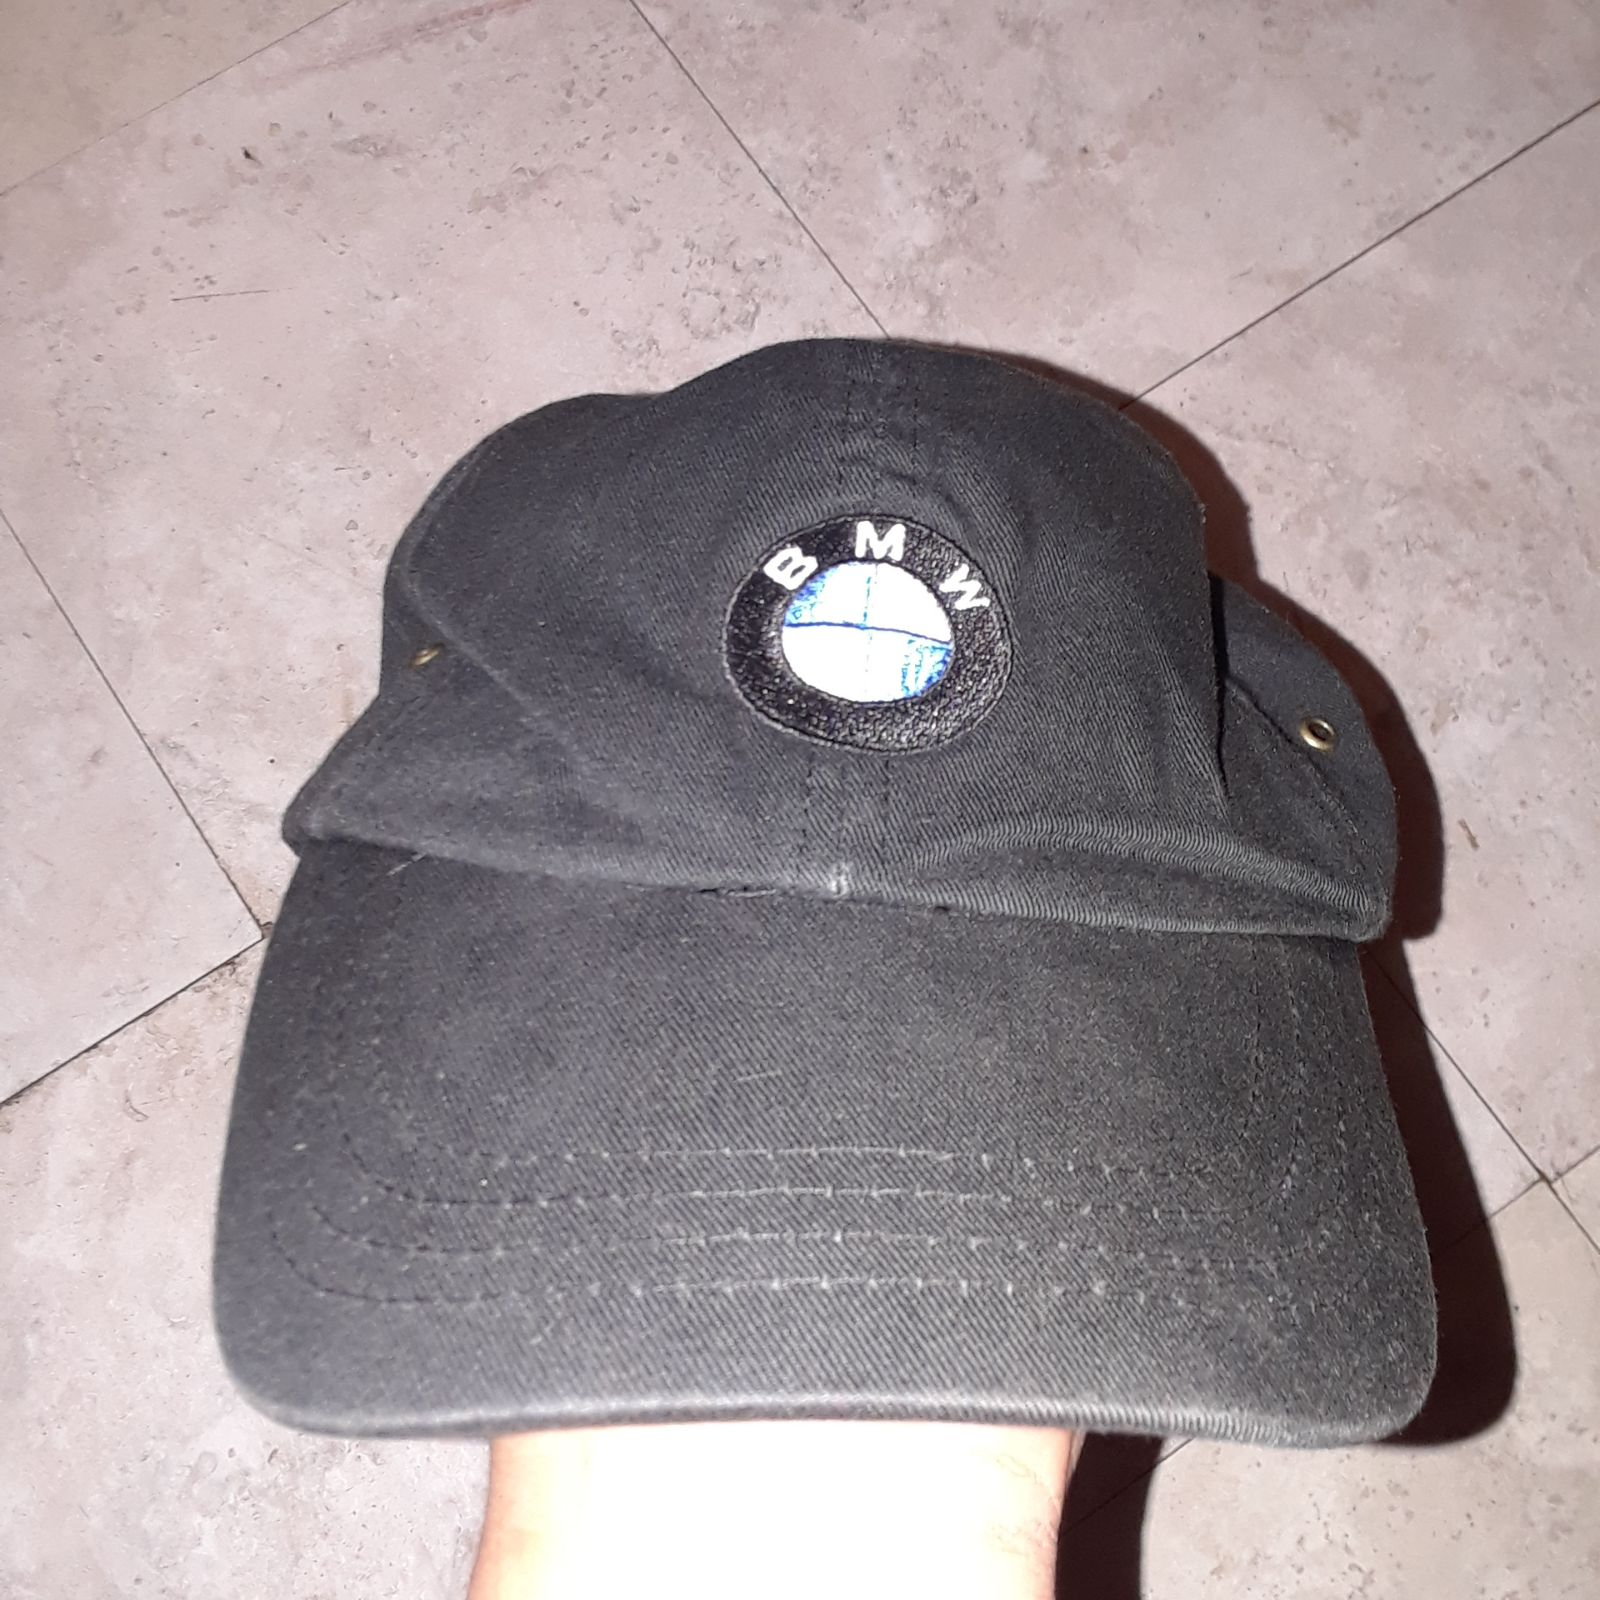 BMW Snapback